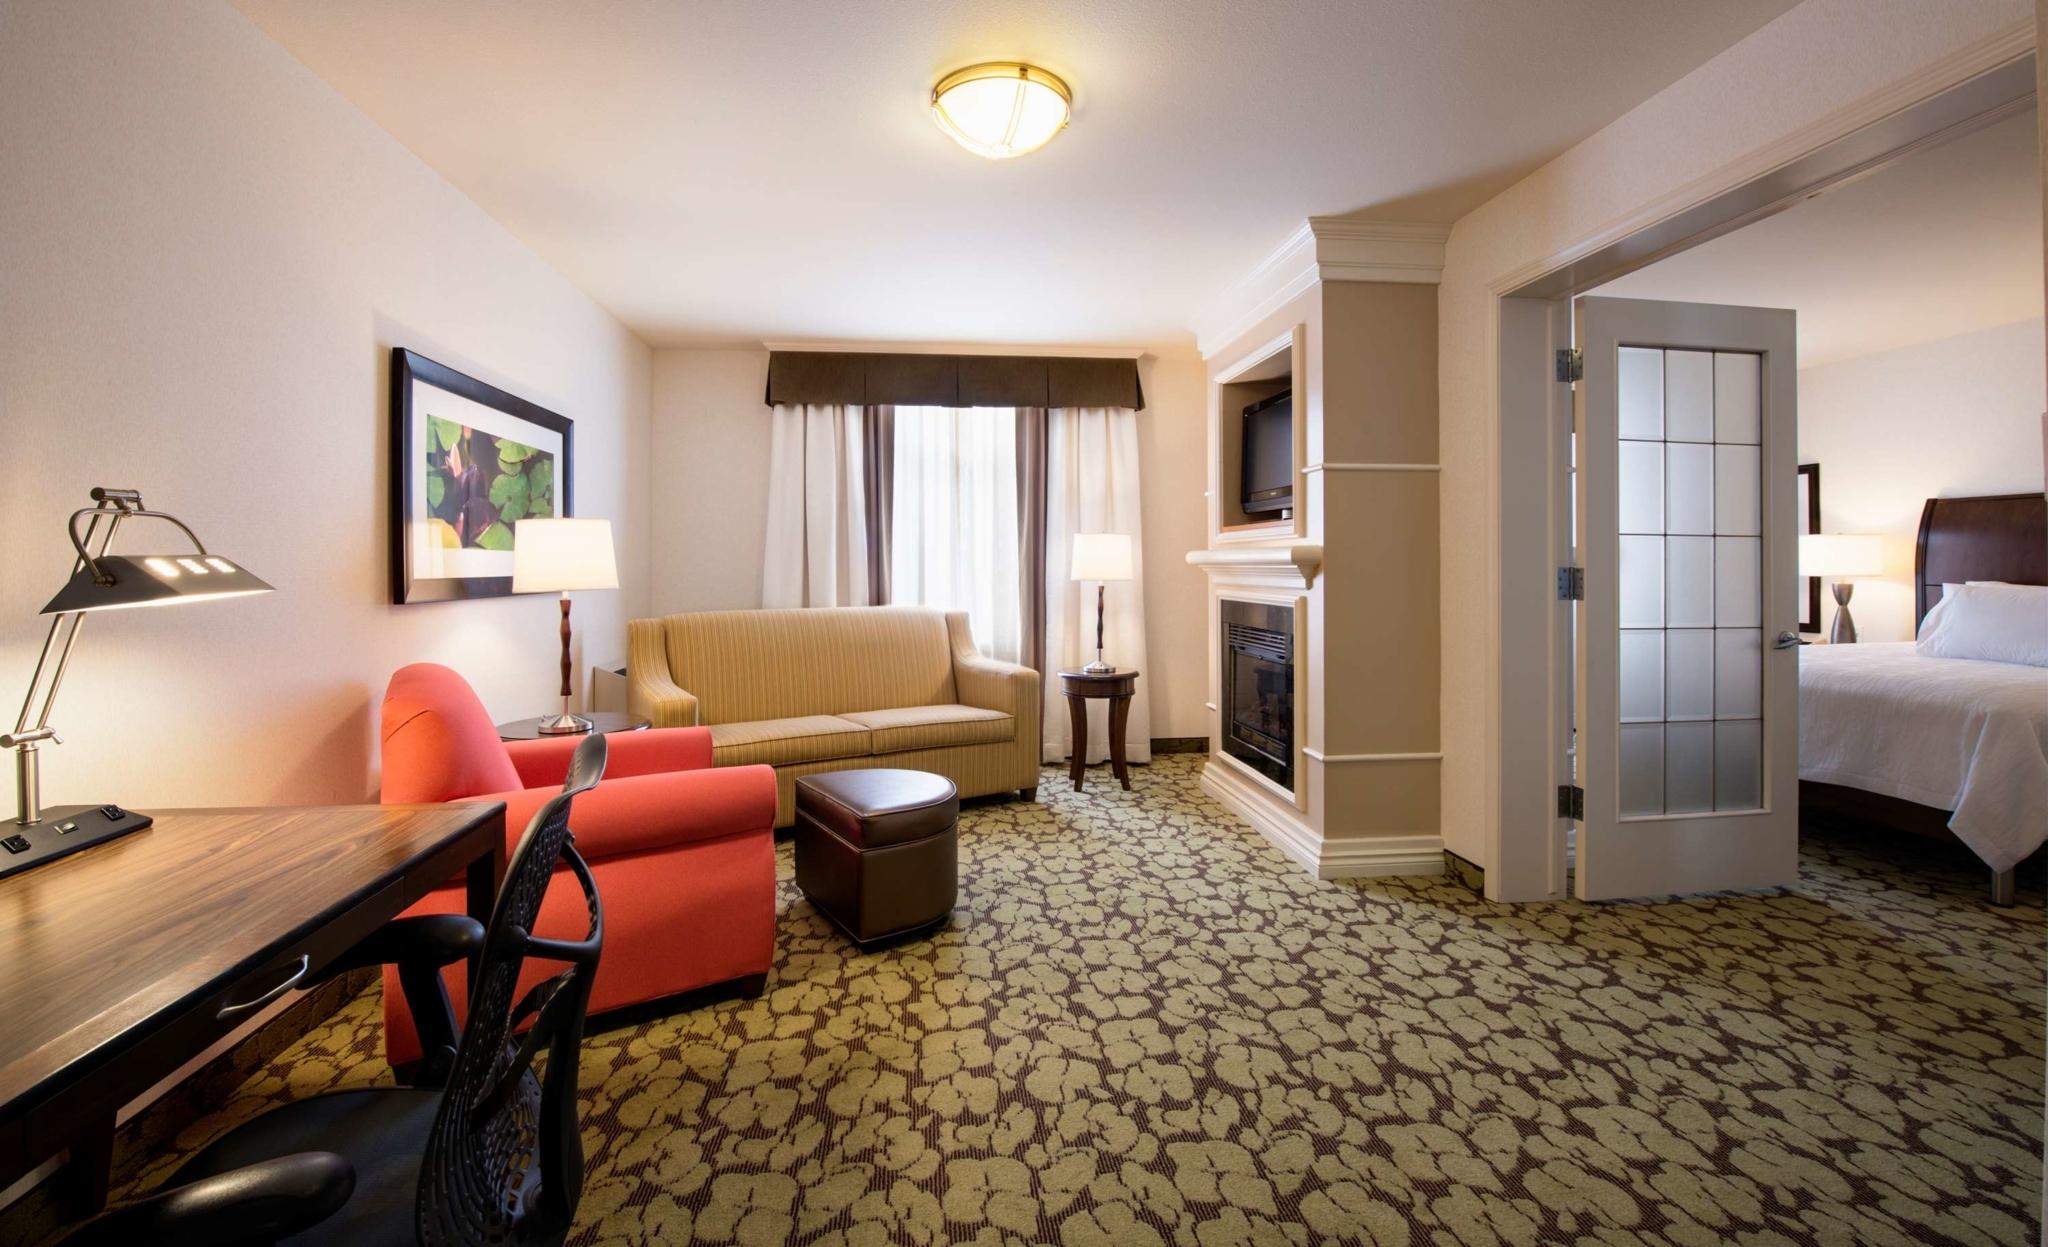 Hilton Garden Inn West Edmonton - Convention Centres & Facilities